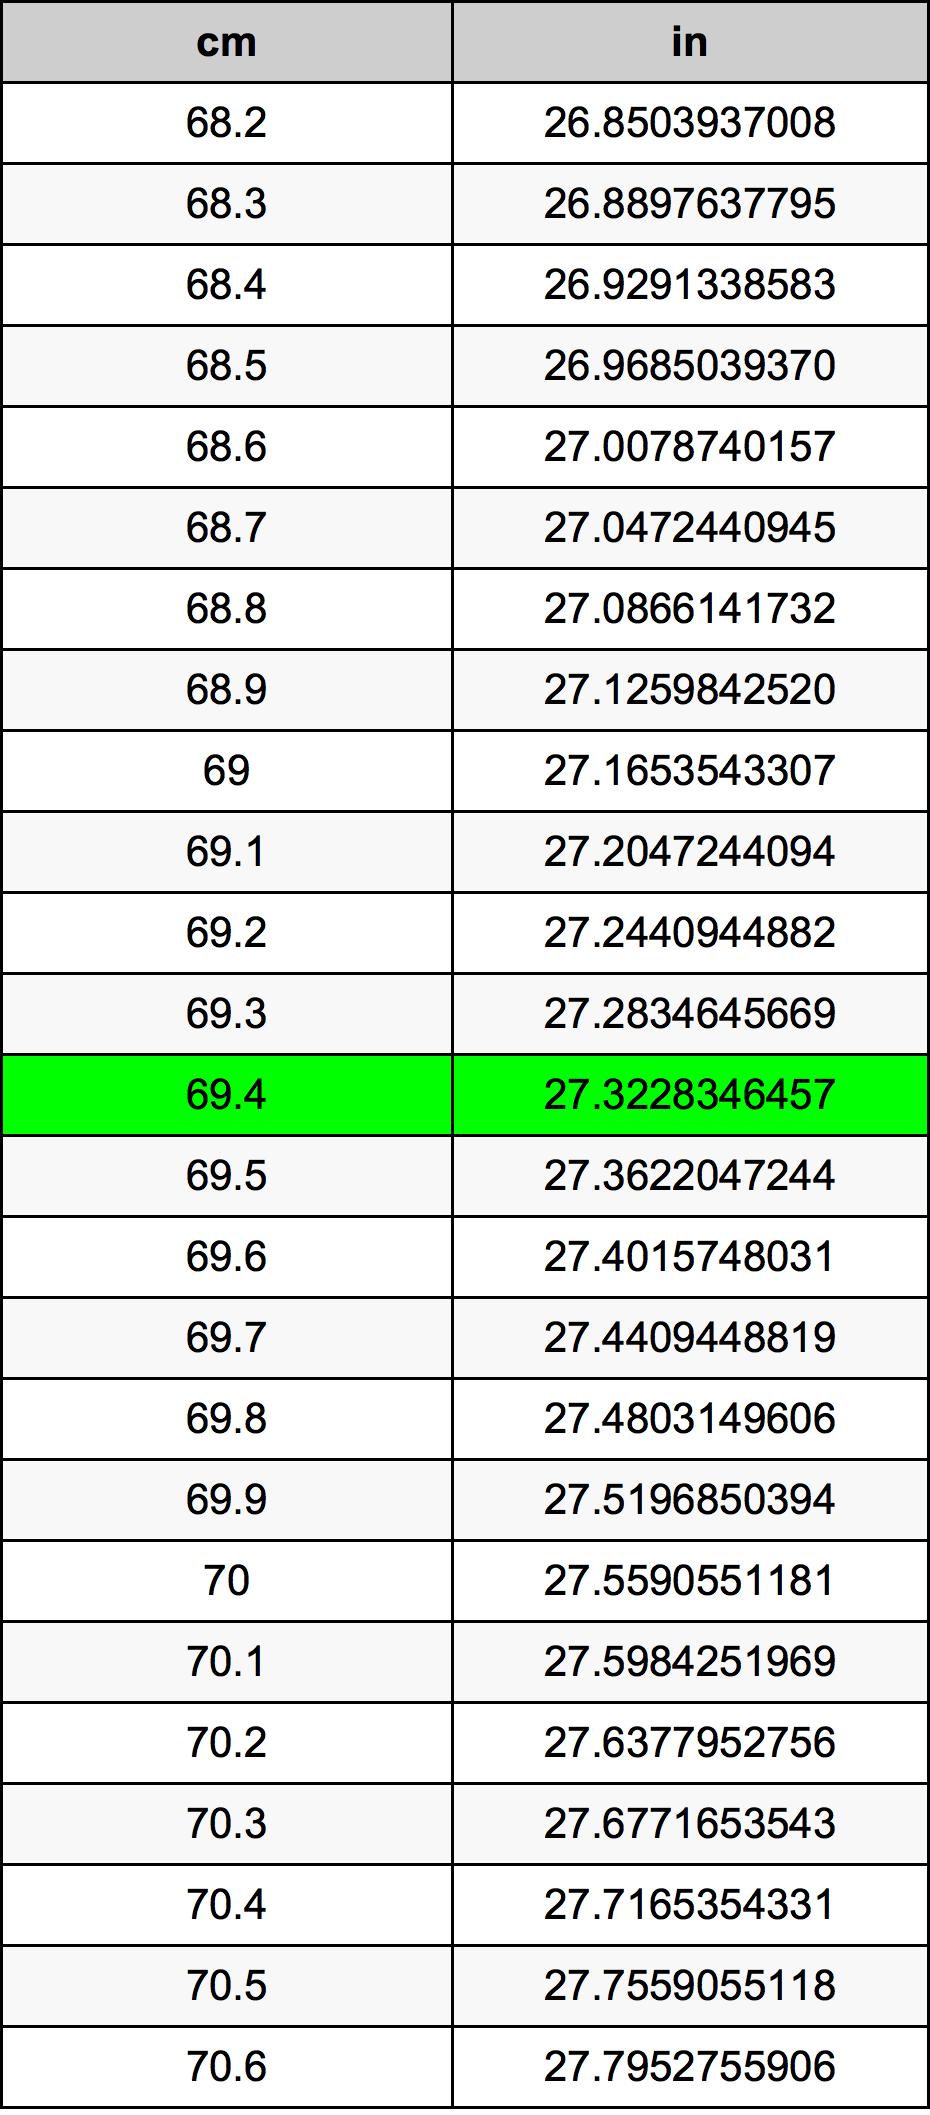 69.4 सेंटीमीटर रूपांतरण सारणी